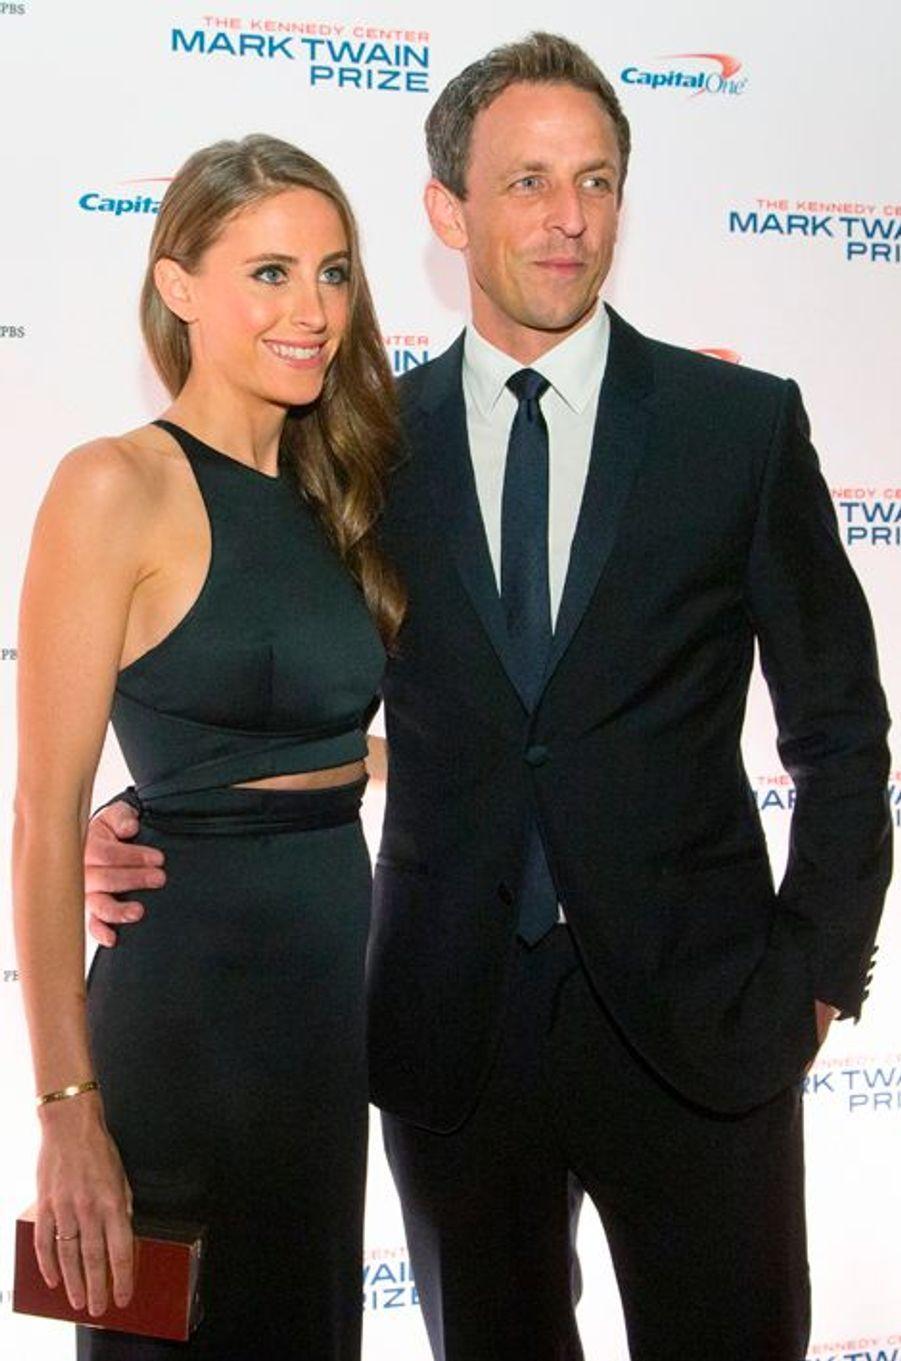 L'humoriste américain Seth Meyers et sa femme Alexi Ashe attendent leur premier enfant.